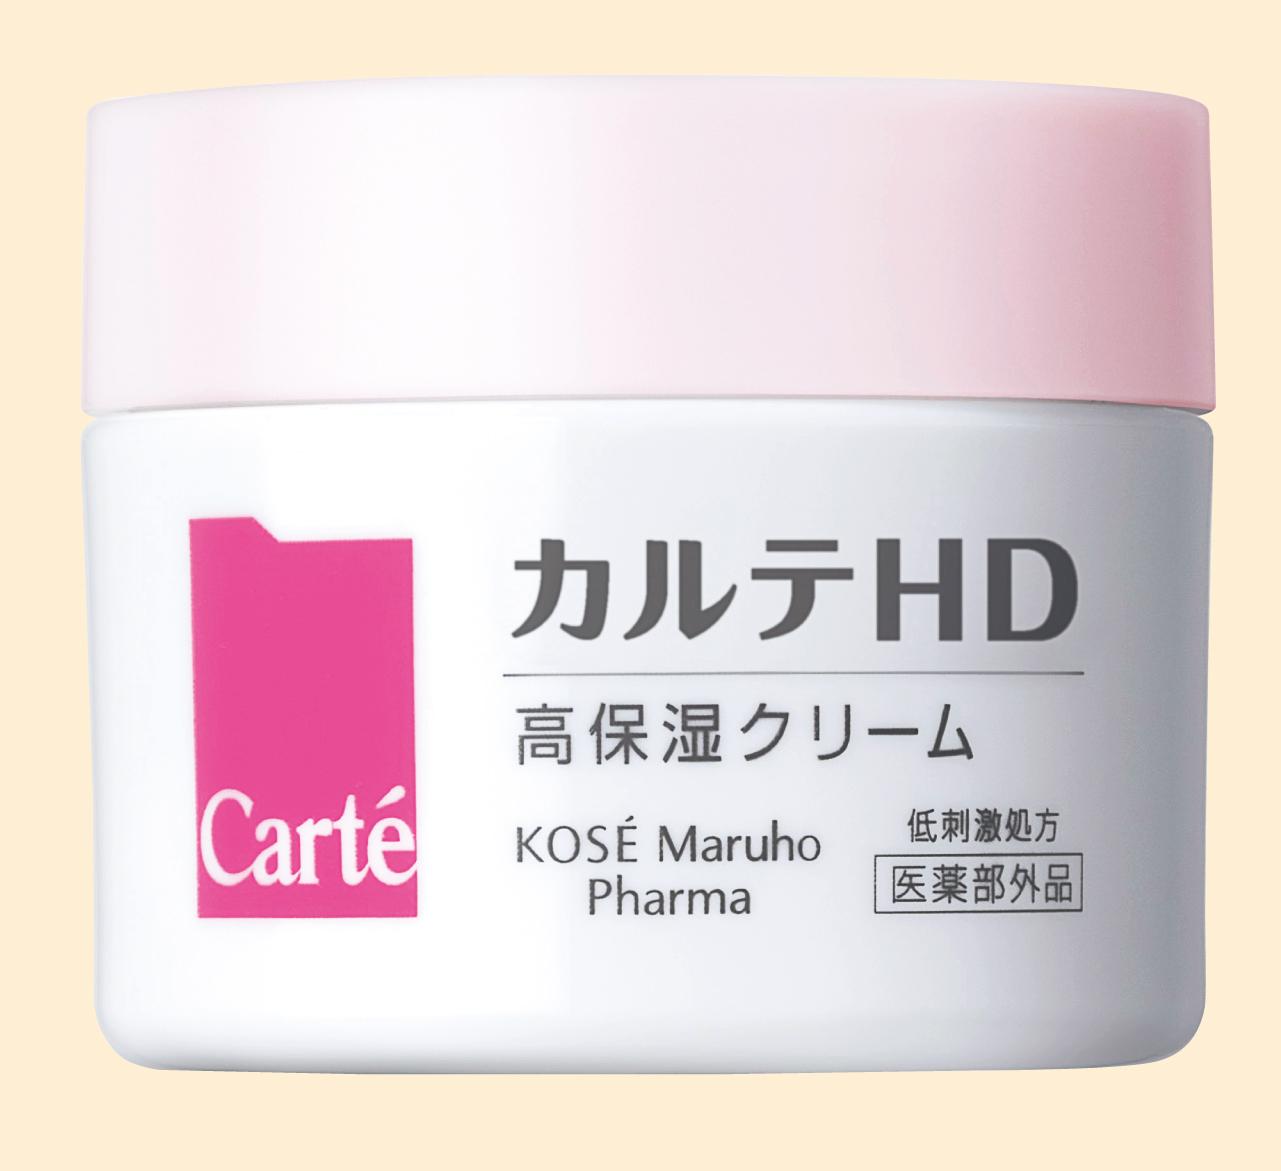 カルテHD モイスチュア クリーム<医薬部外品>40g ¥2,300/コーセーマルホファーマ